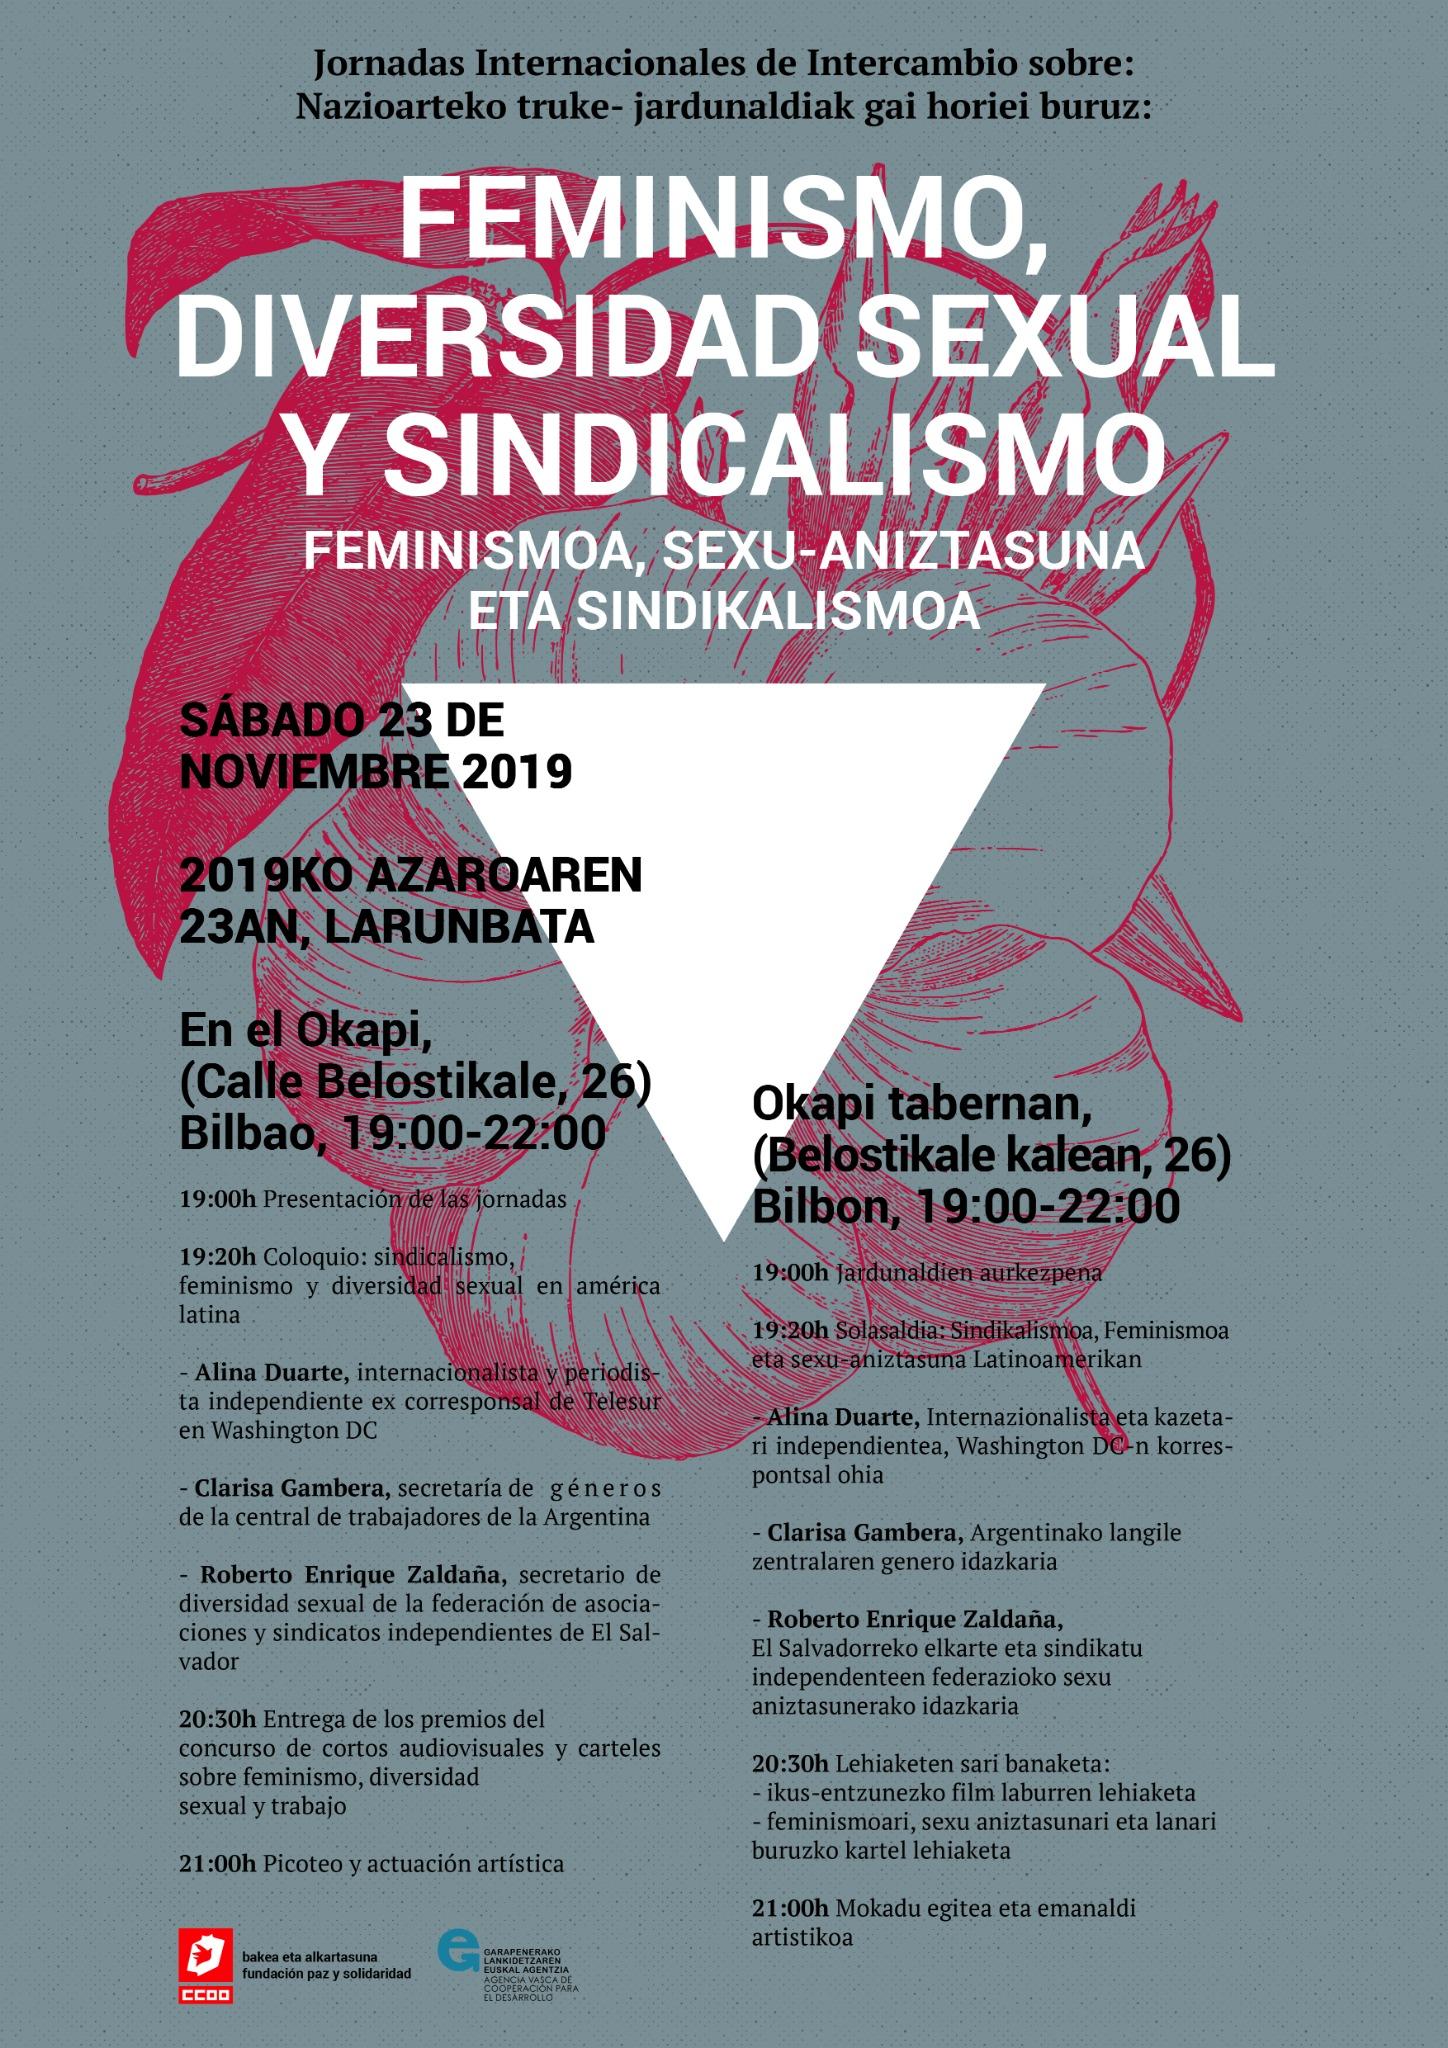 Feminismo, diversidad sexual y sindicalismo